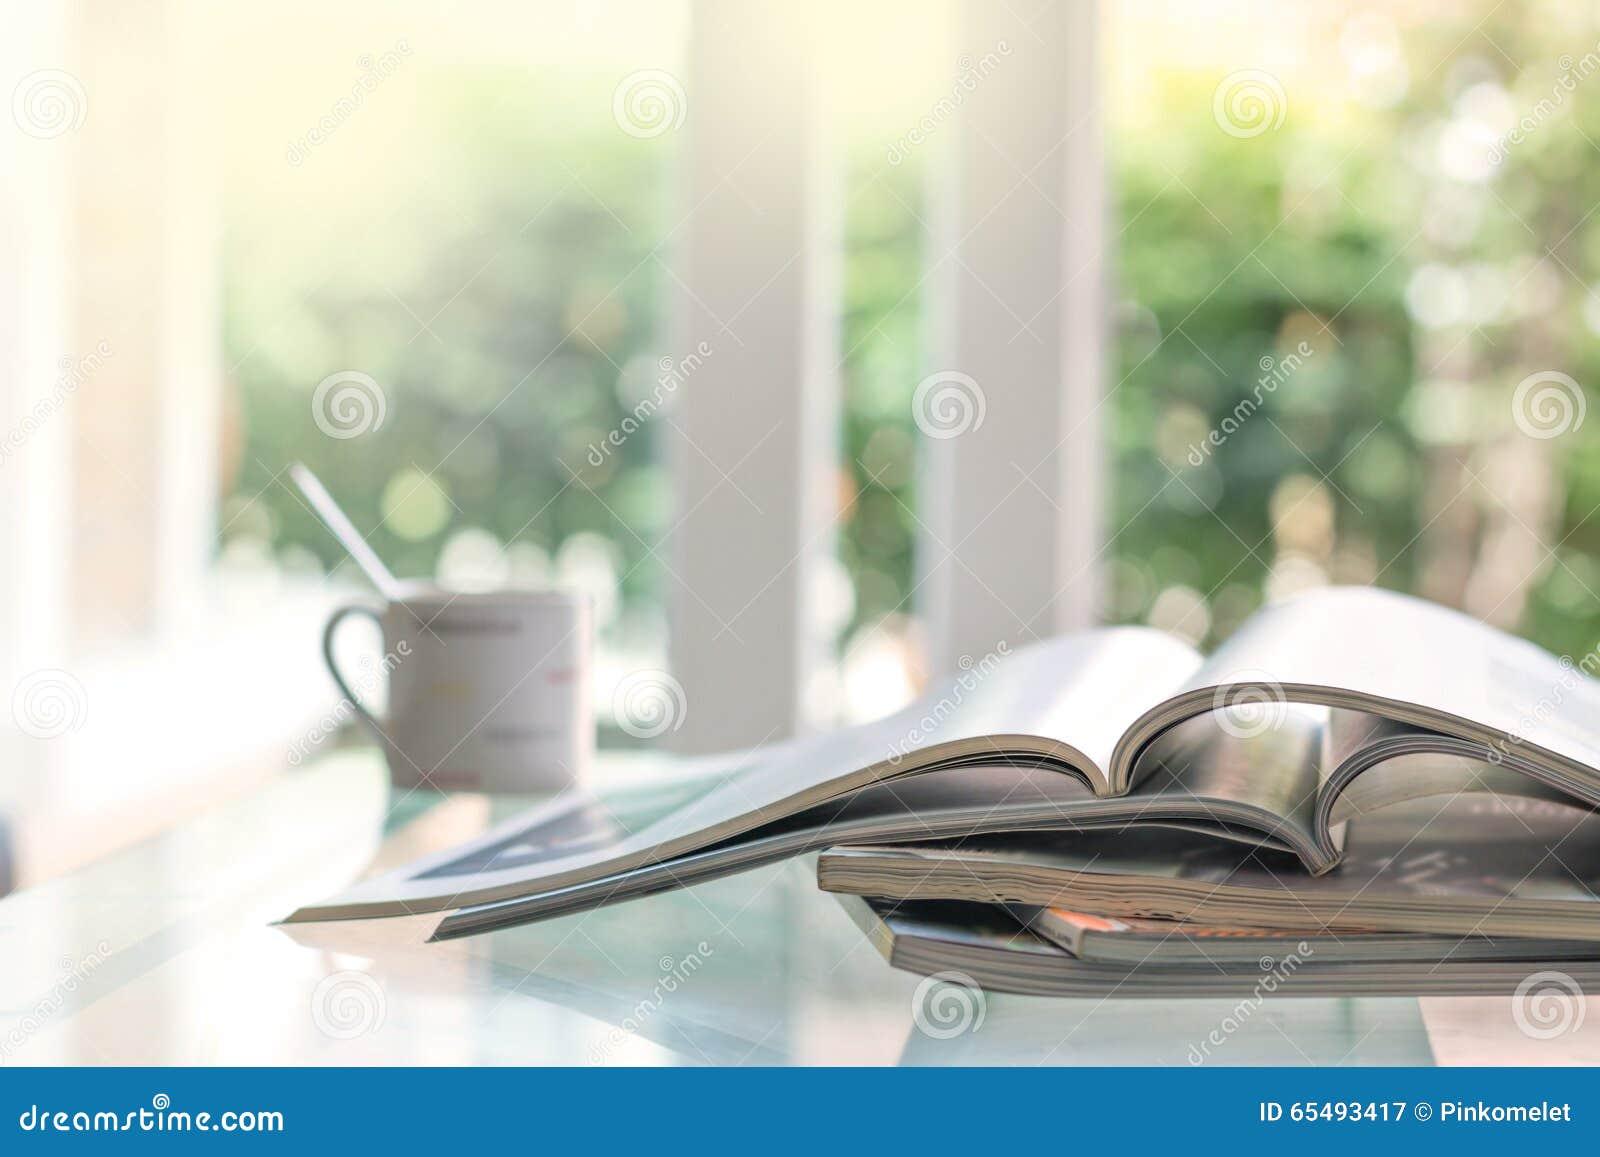 Εκλεκτική εστίαση της συσσώρευσης της θέσης περιοδικών στον πίνακα στη διαβίωση ro